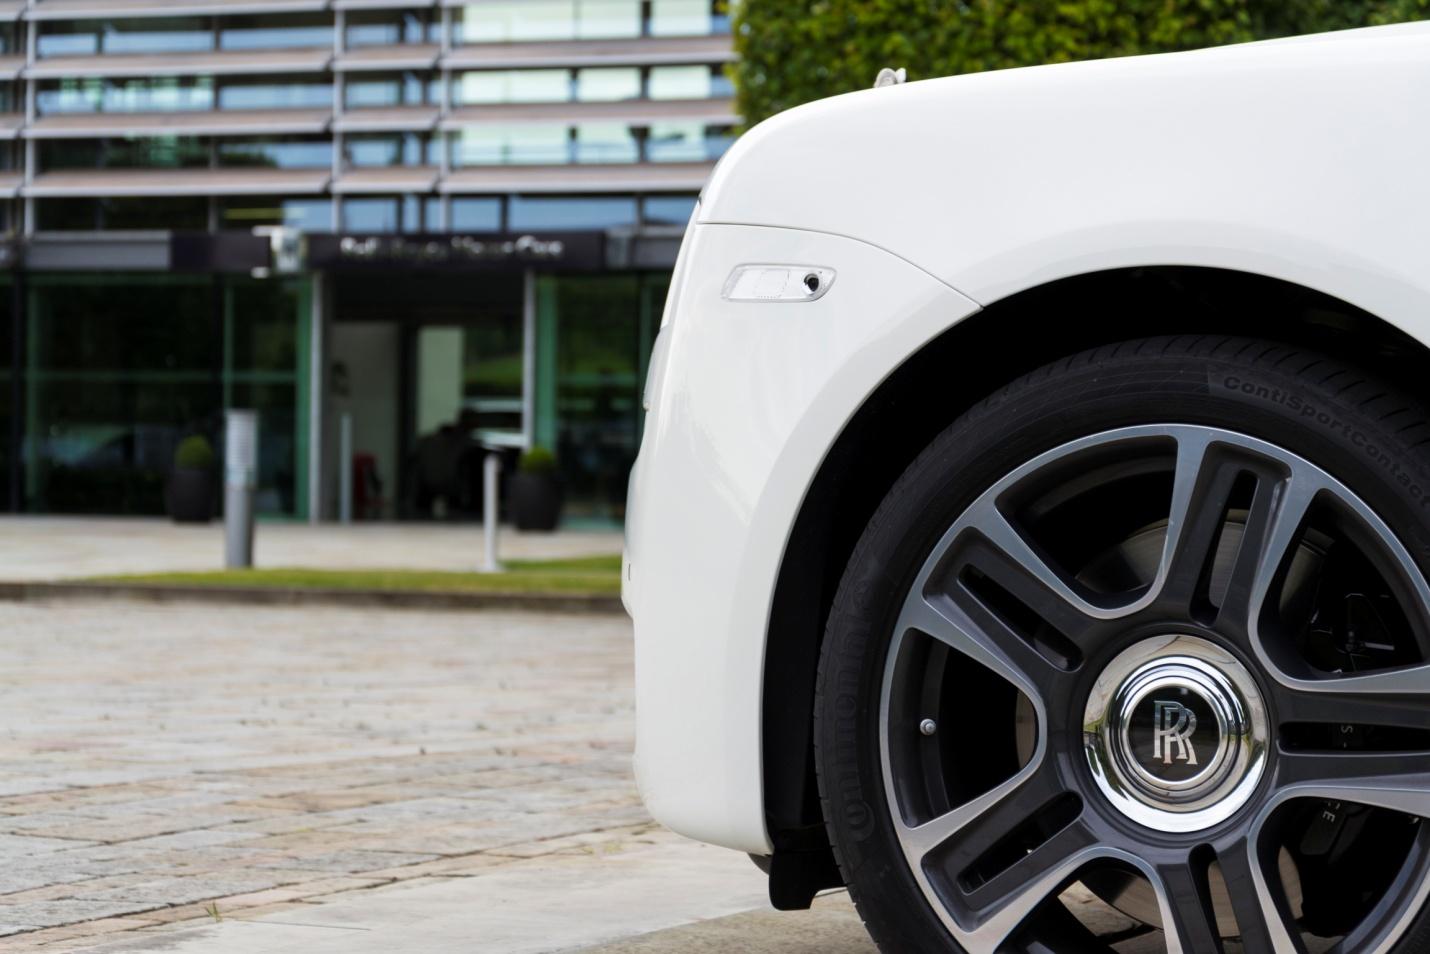 Tout ce qu'il faut savoir sur la nouvelle Rolls-Royce Phantom 2018